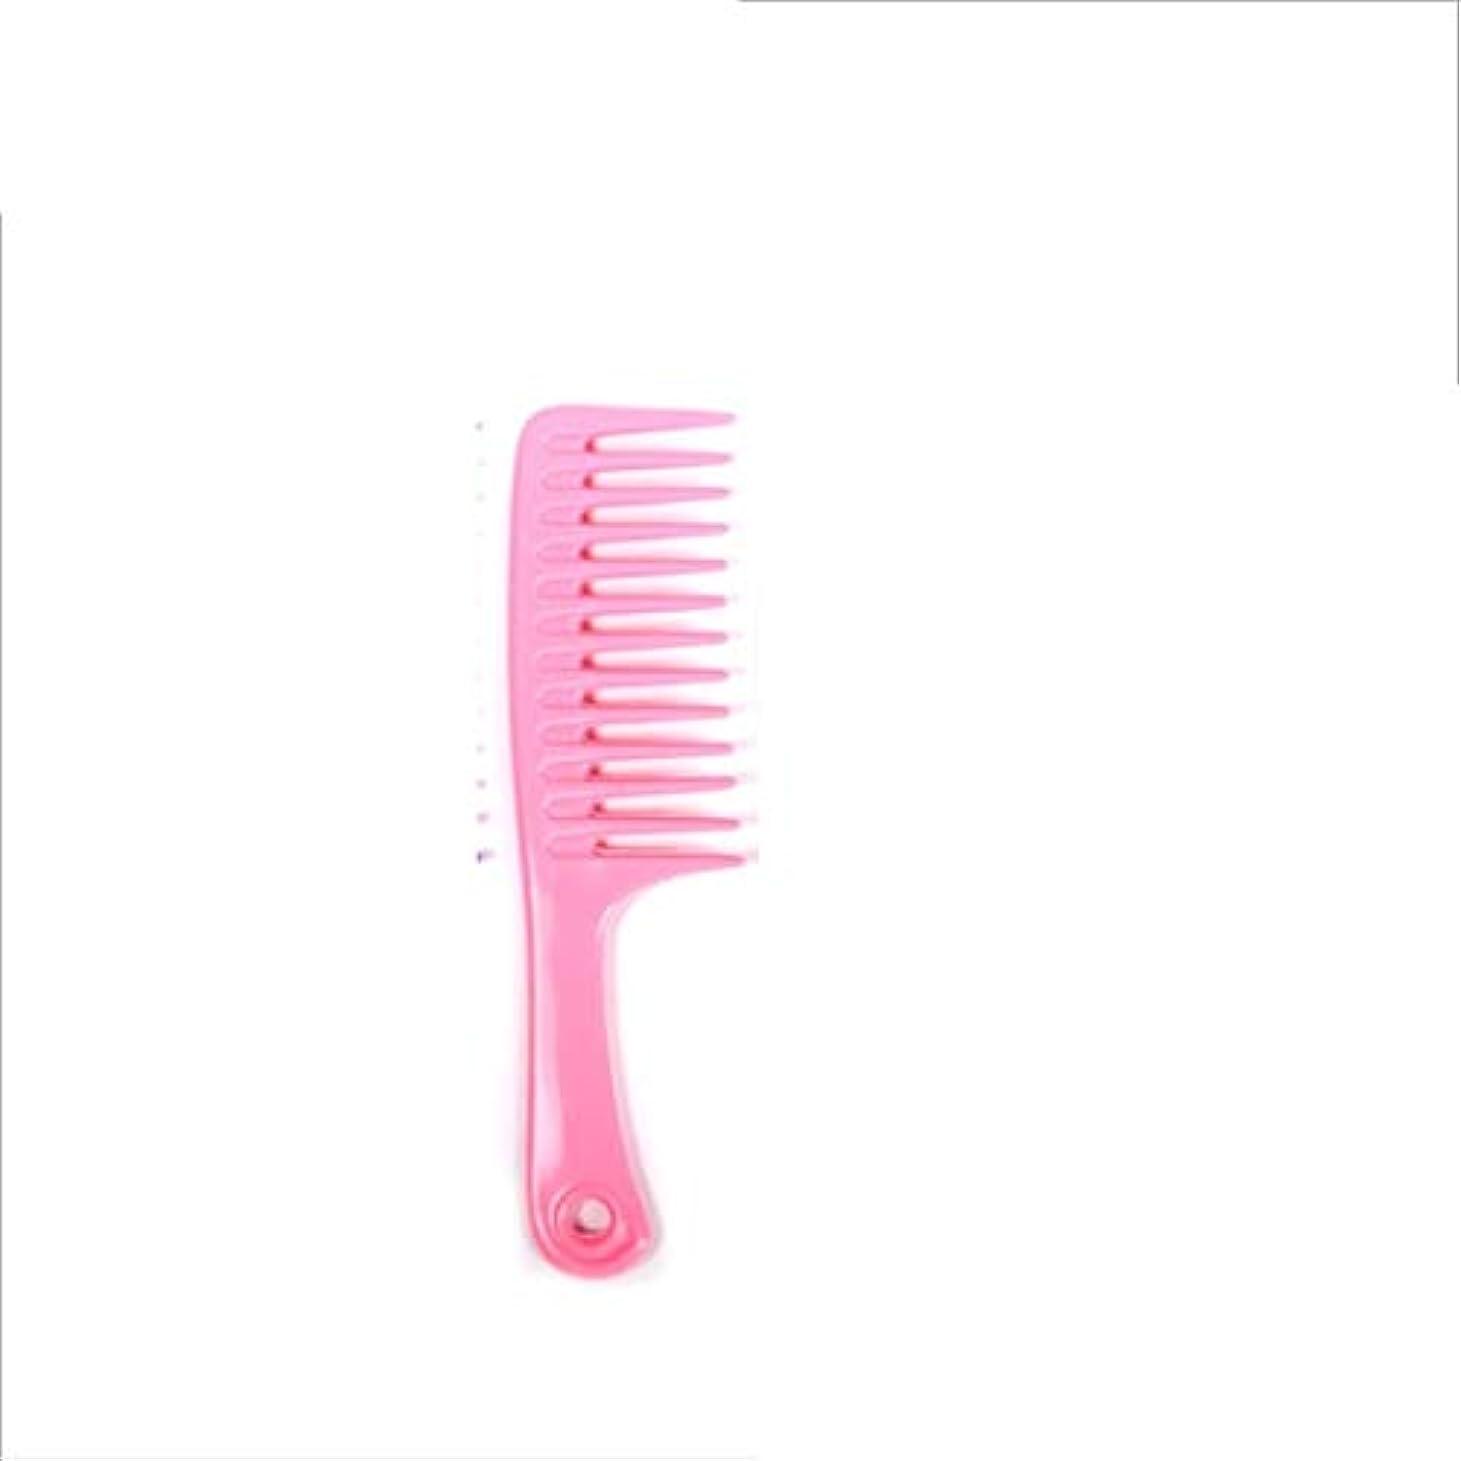 権威南アメリカコマンドGuomao 24.5cmの静電気防止のもつれの櫛-大きい歯付きゴムの櫛 (色 : ピンク)